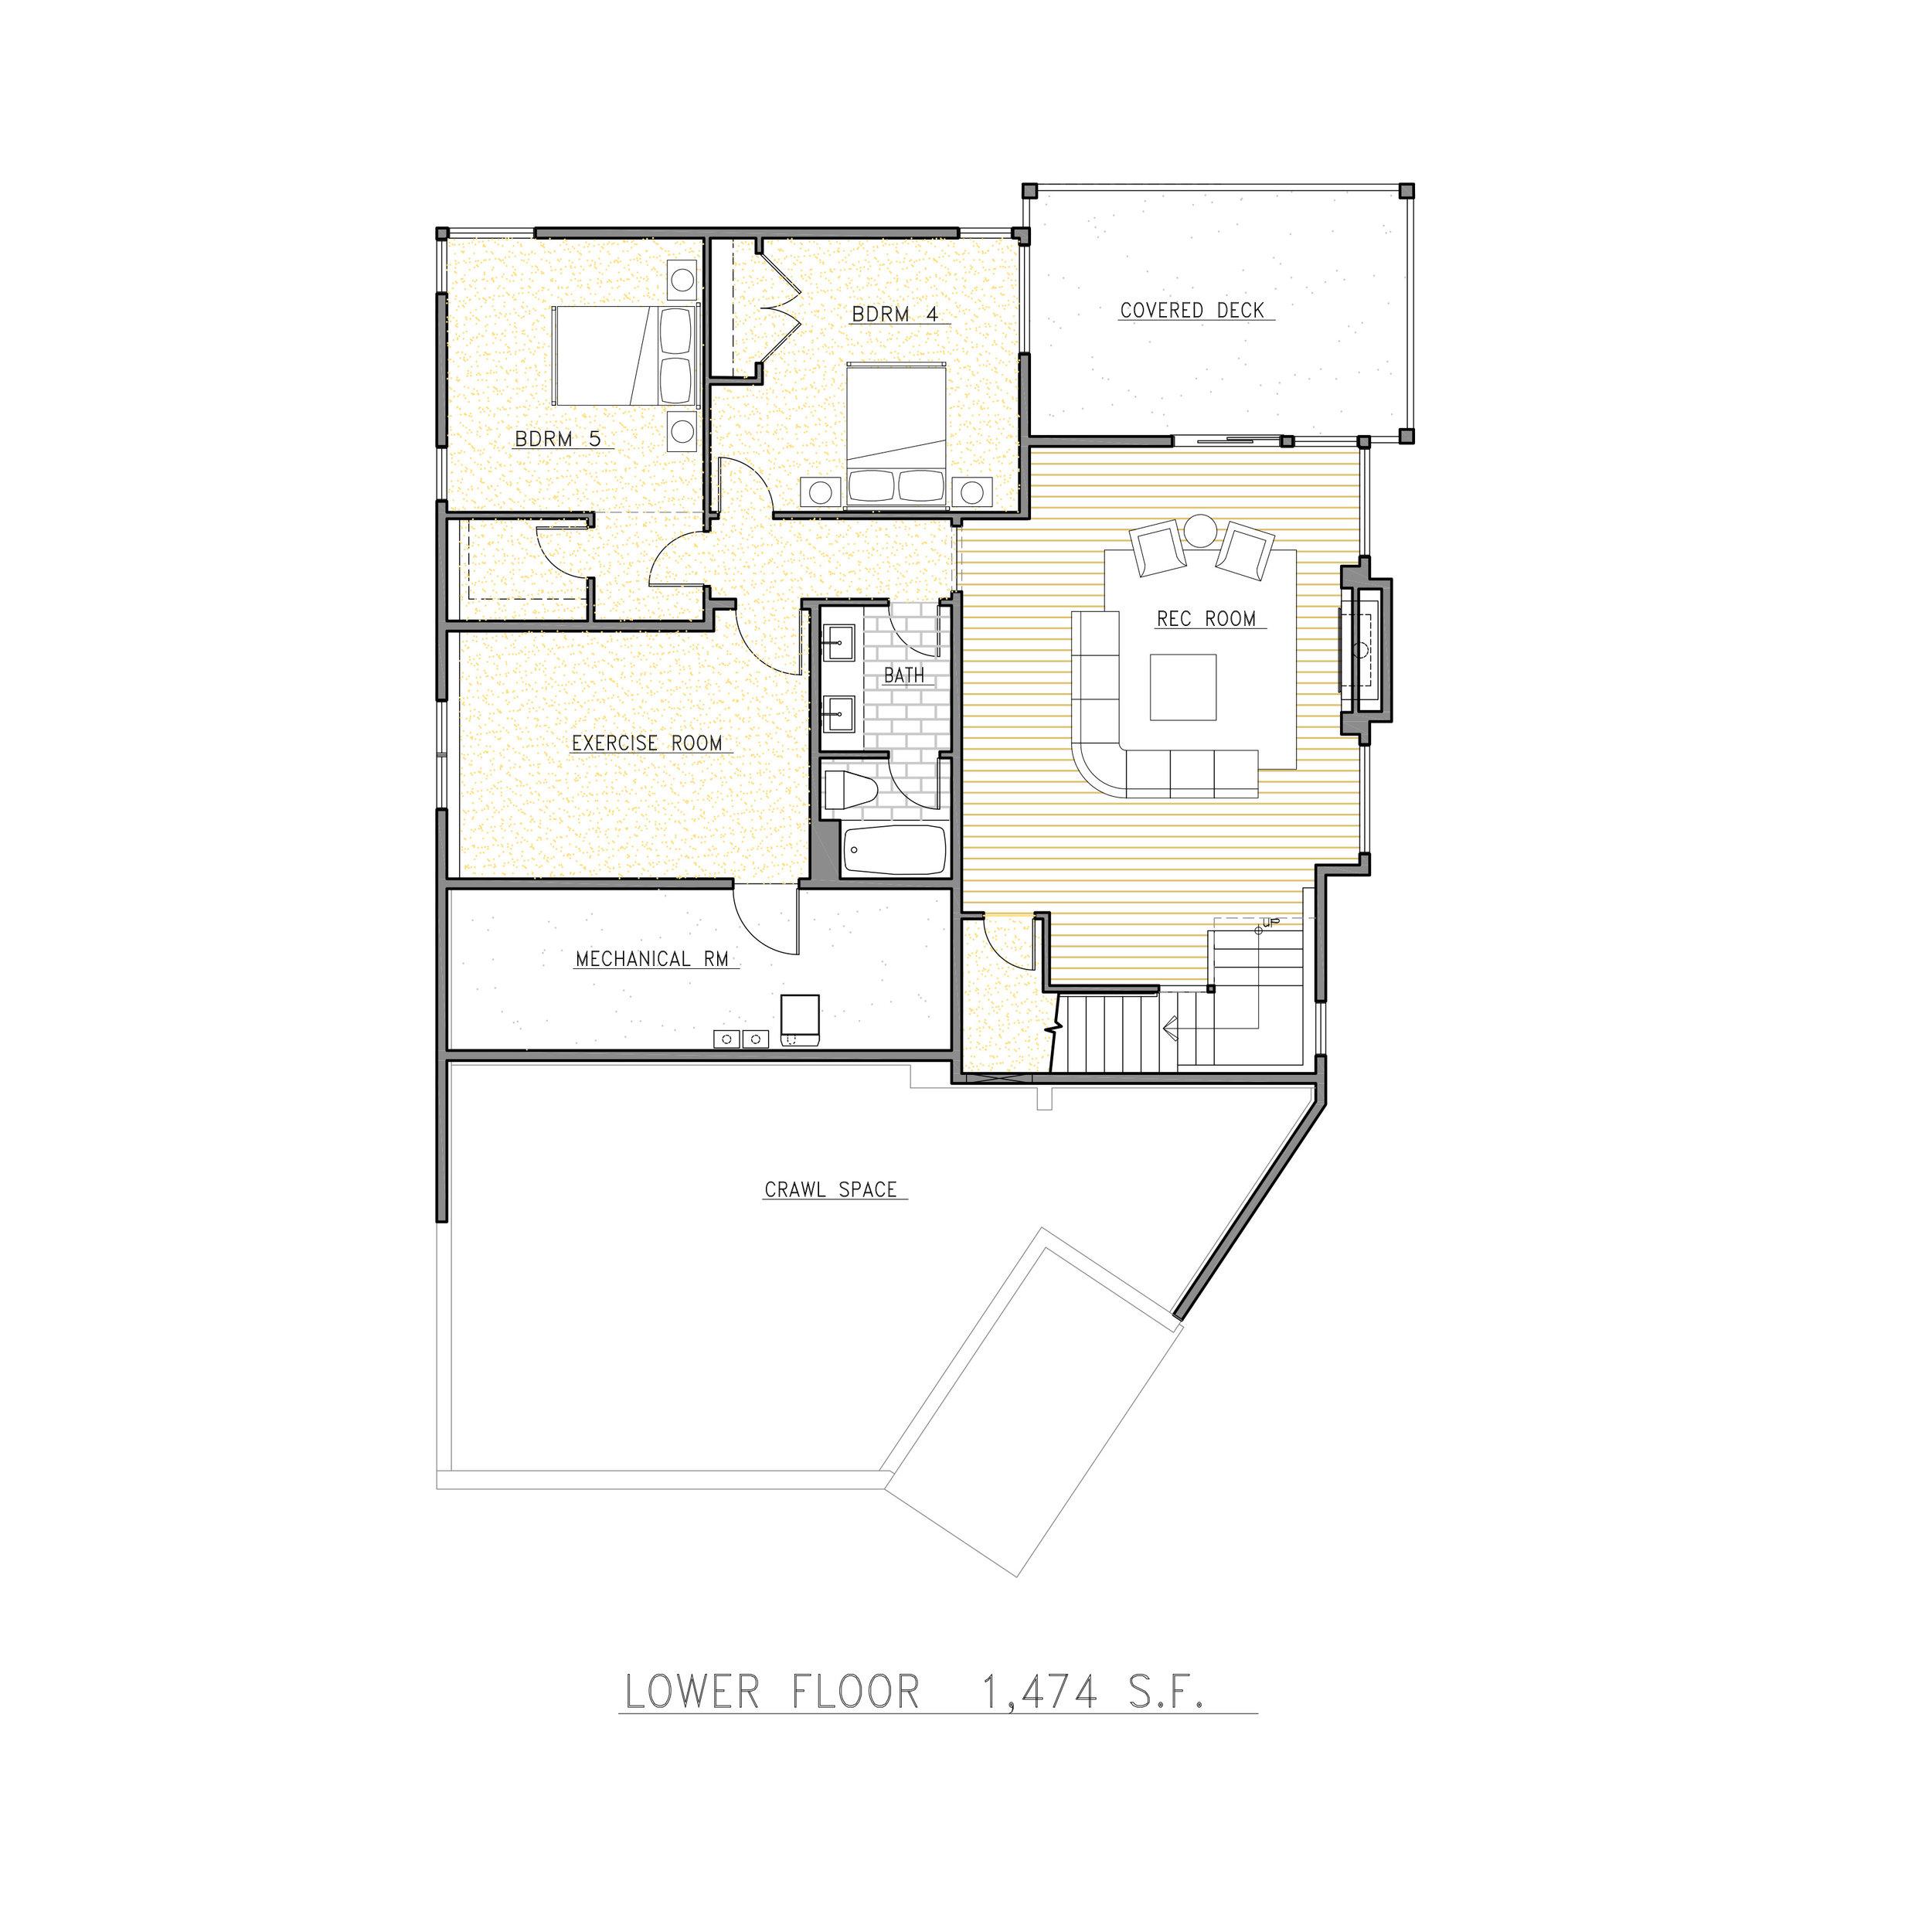 Lot 5 Mrtg Floor Plans Denny Ridge (1)-3.jpg